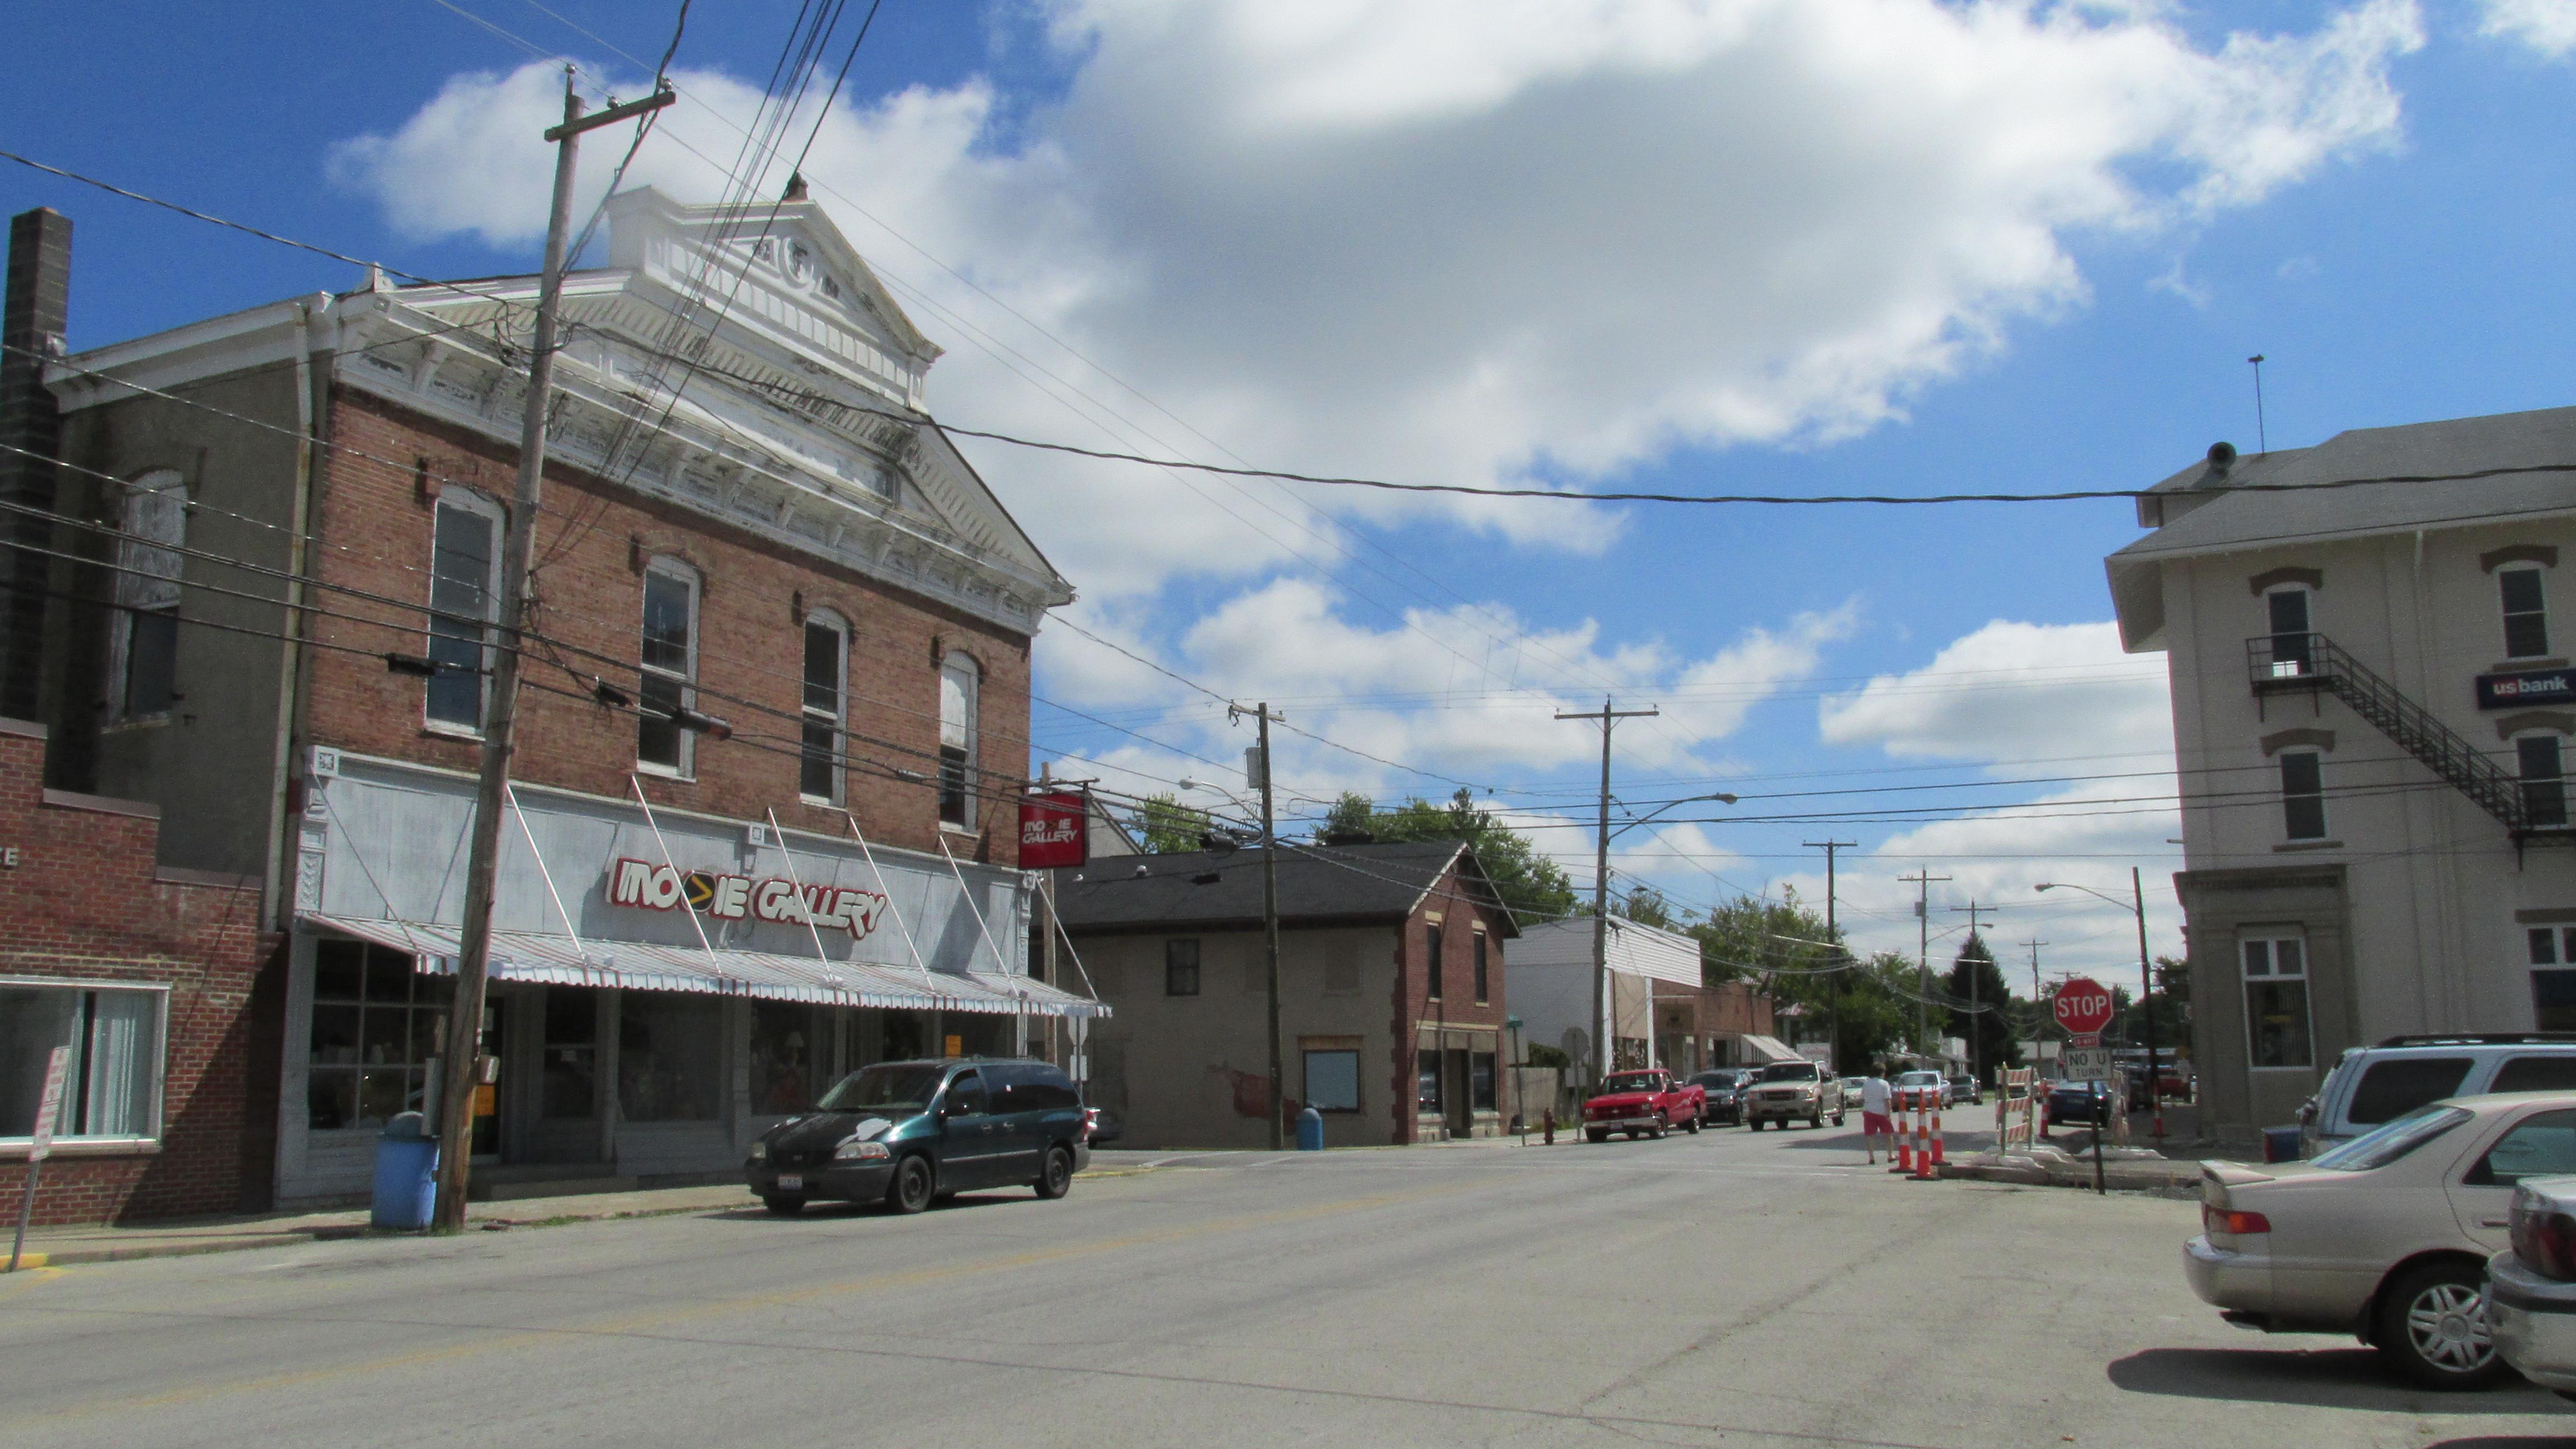 Ohio brown county sardinia - Ohio Brown County Sardinia 48